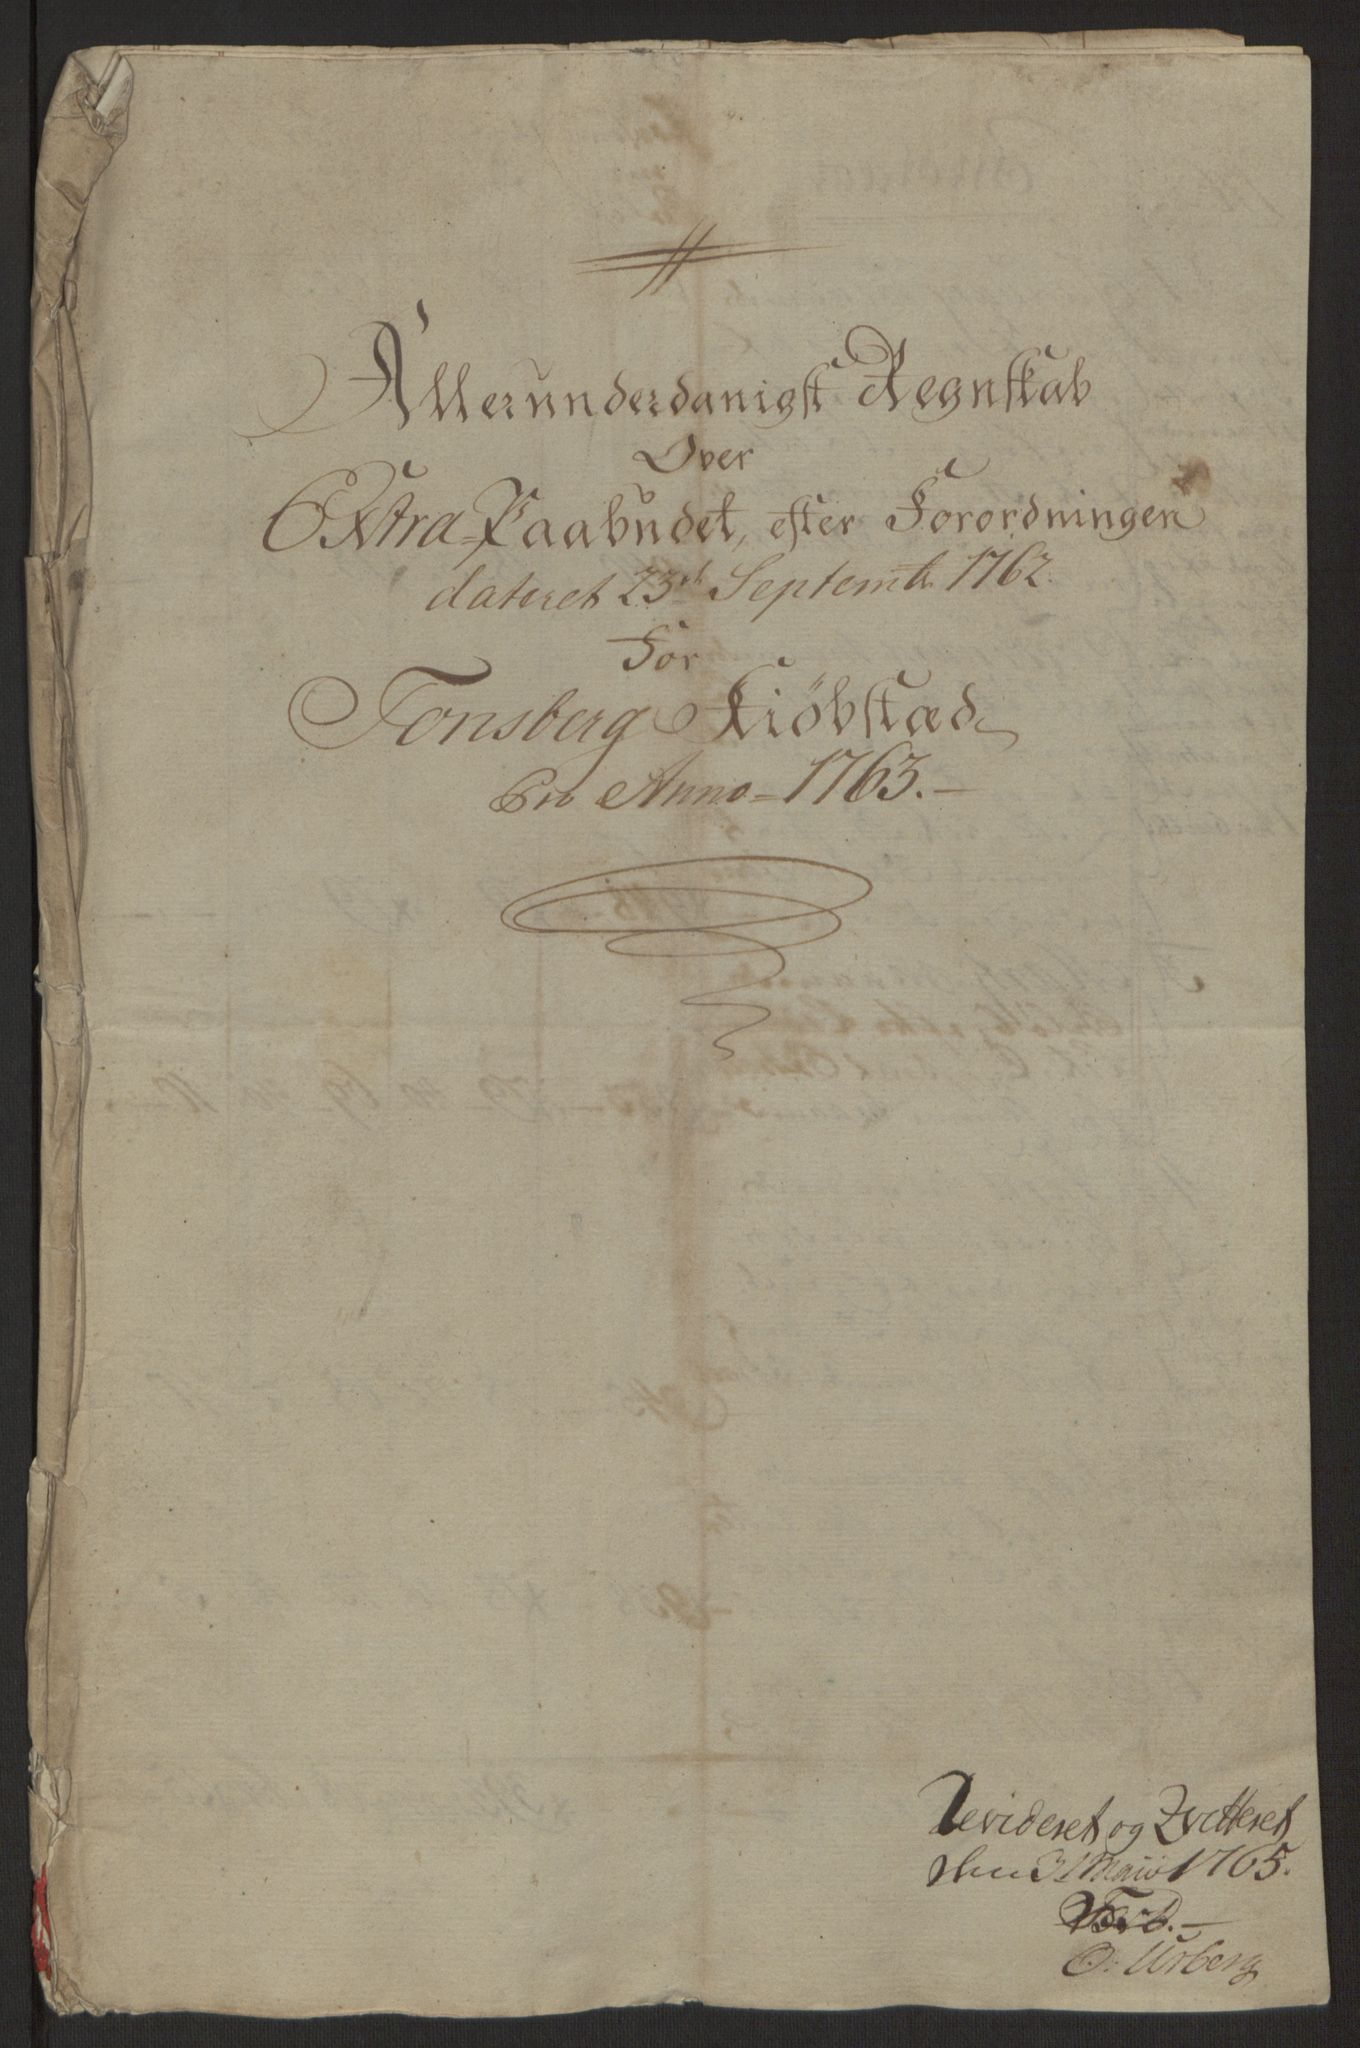 RA, Rentekammeret inntil 1814, Reviderte regnskaper, Byregnskaper, R/Rh/L0162: [H4] Kontribusjonsregnskap, 1762-1772, s. 47